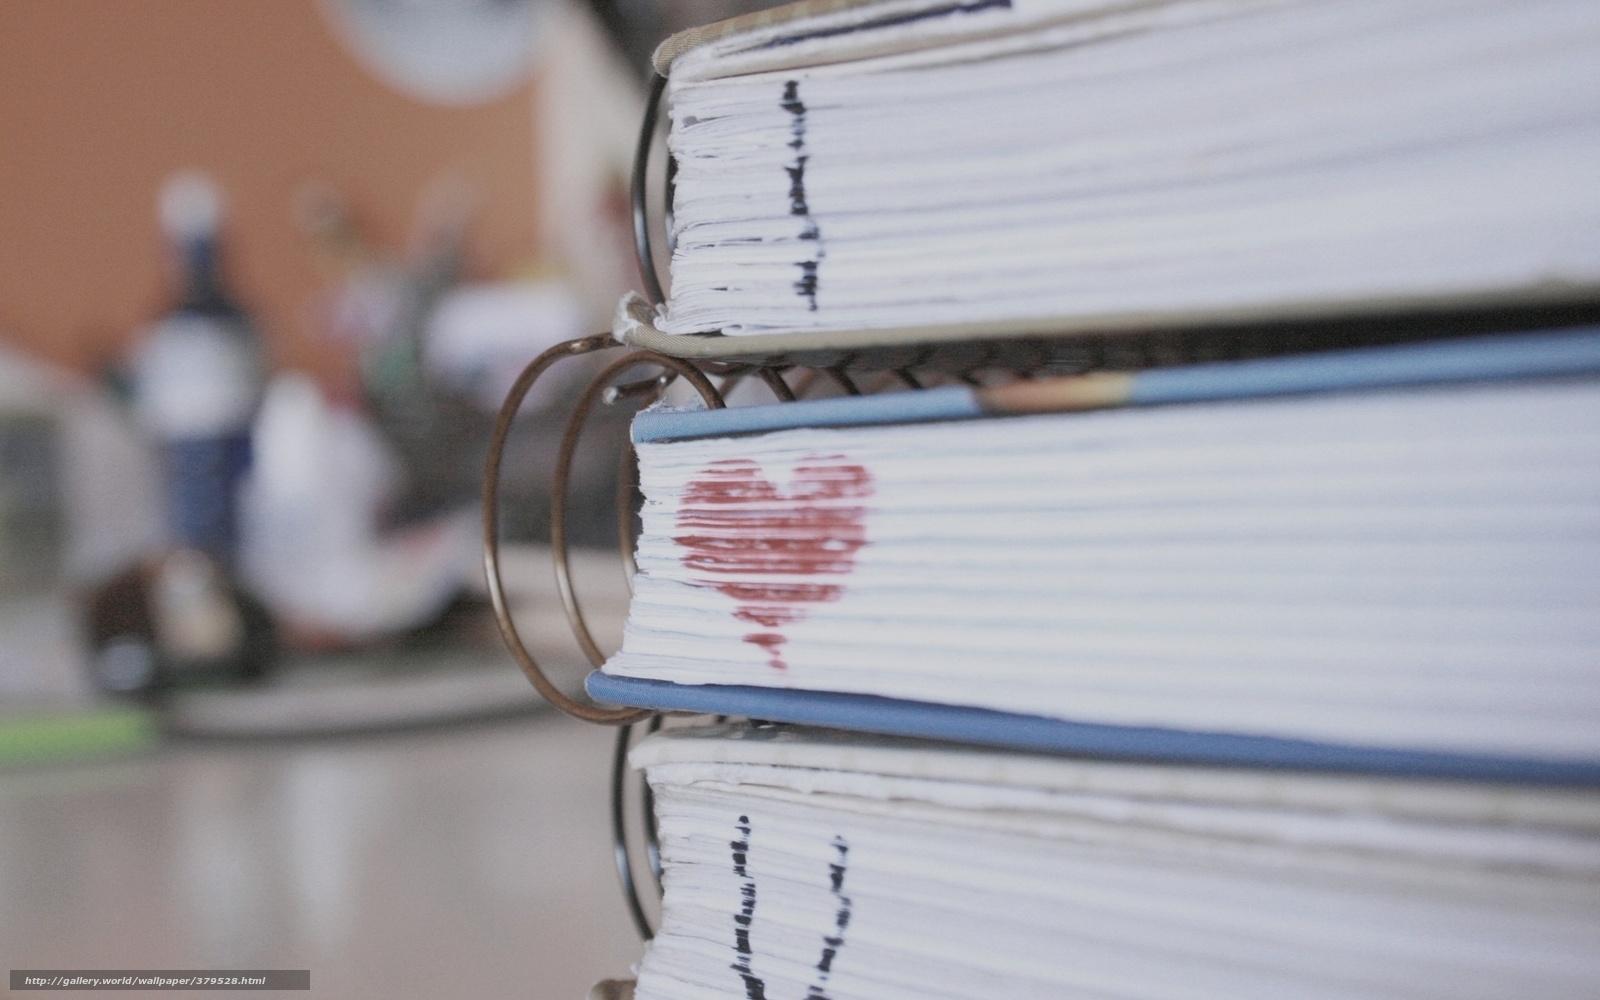 Descargar gratis Amor,  Libro,  emocin Fondos de escritorio en la resolucin 1680x1050 — imagen №379528